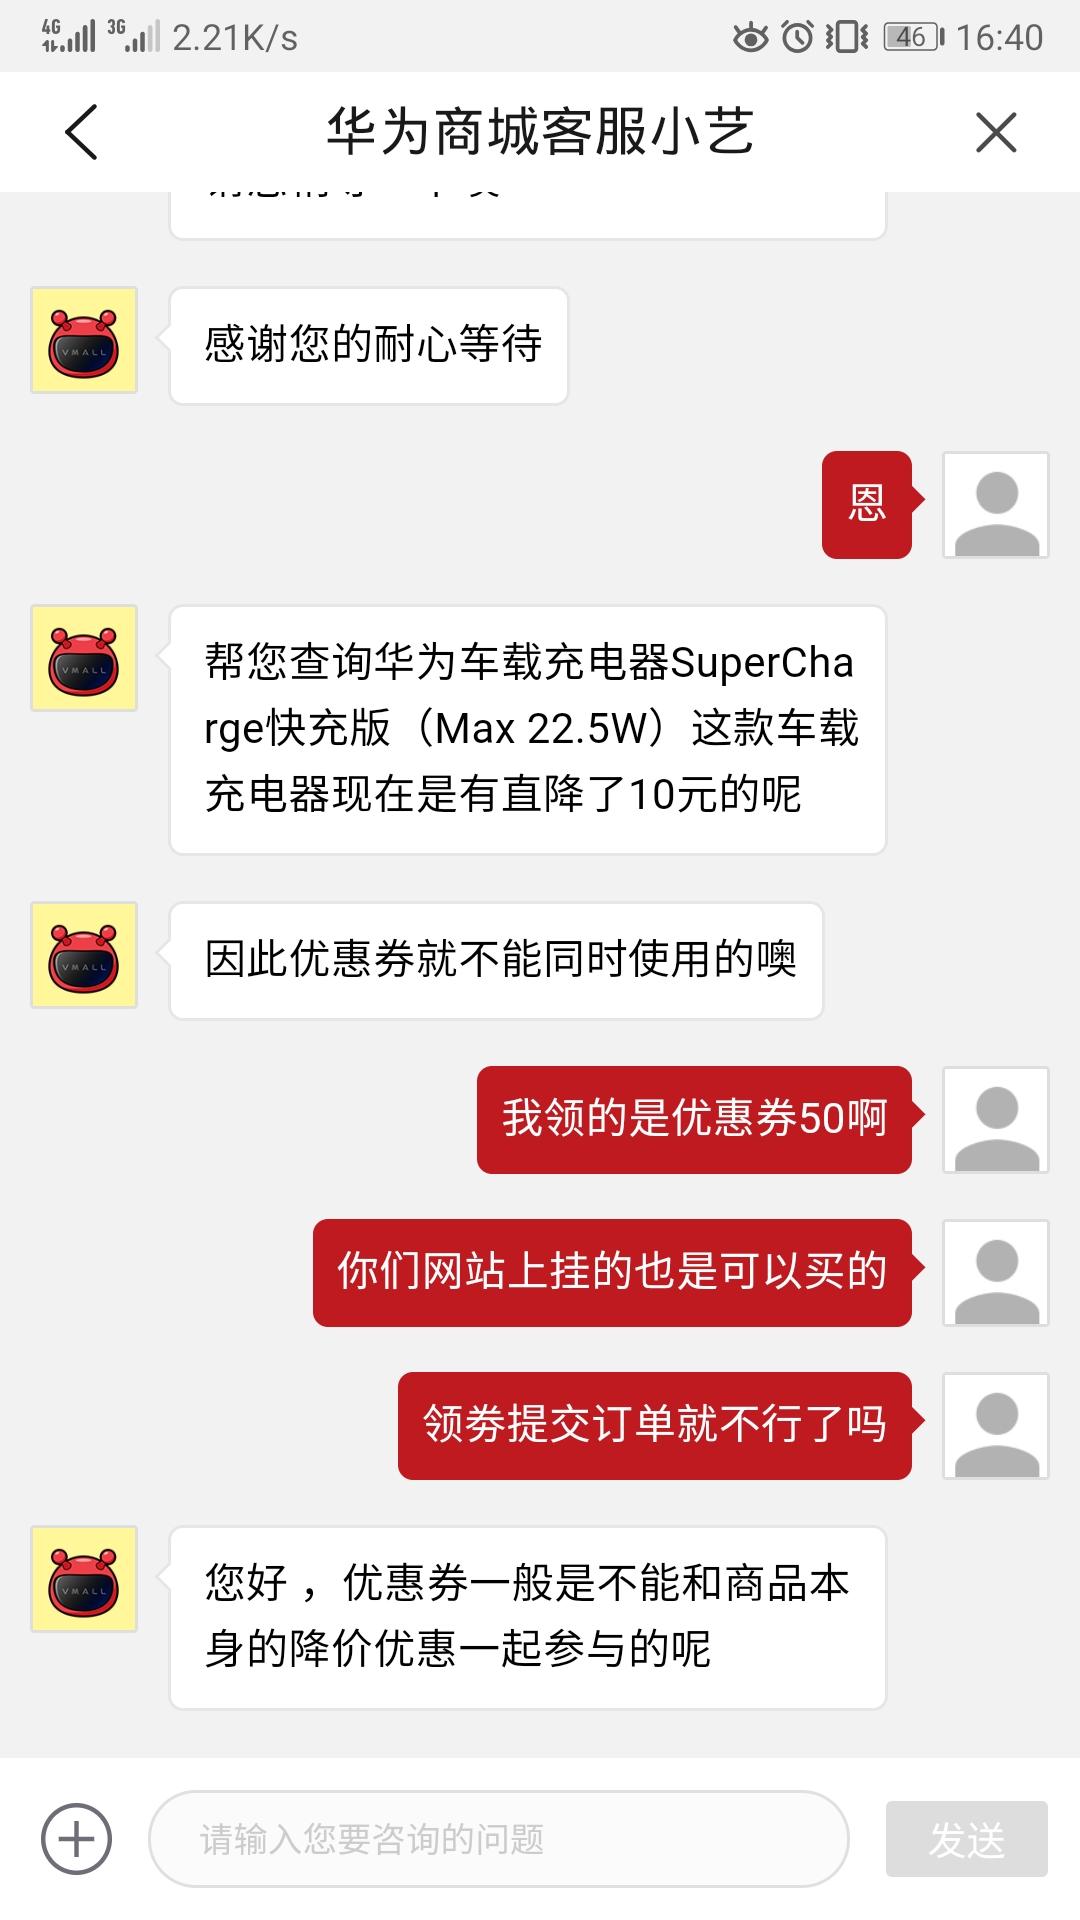 Screenshot_20190414_164059_com.vmall.client.jpg